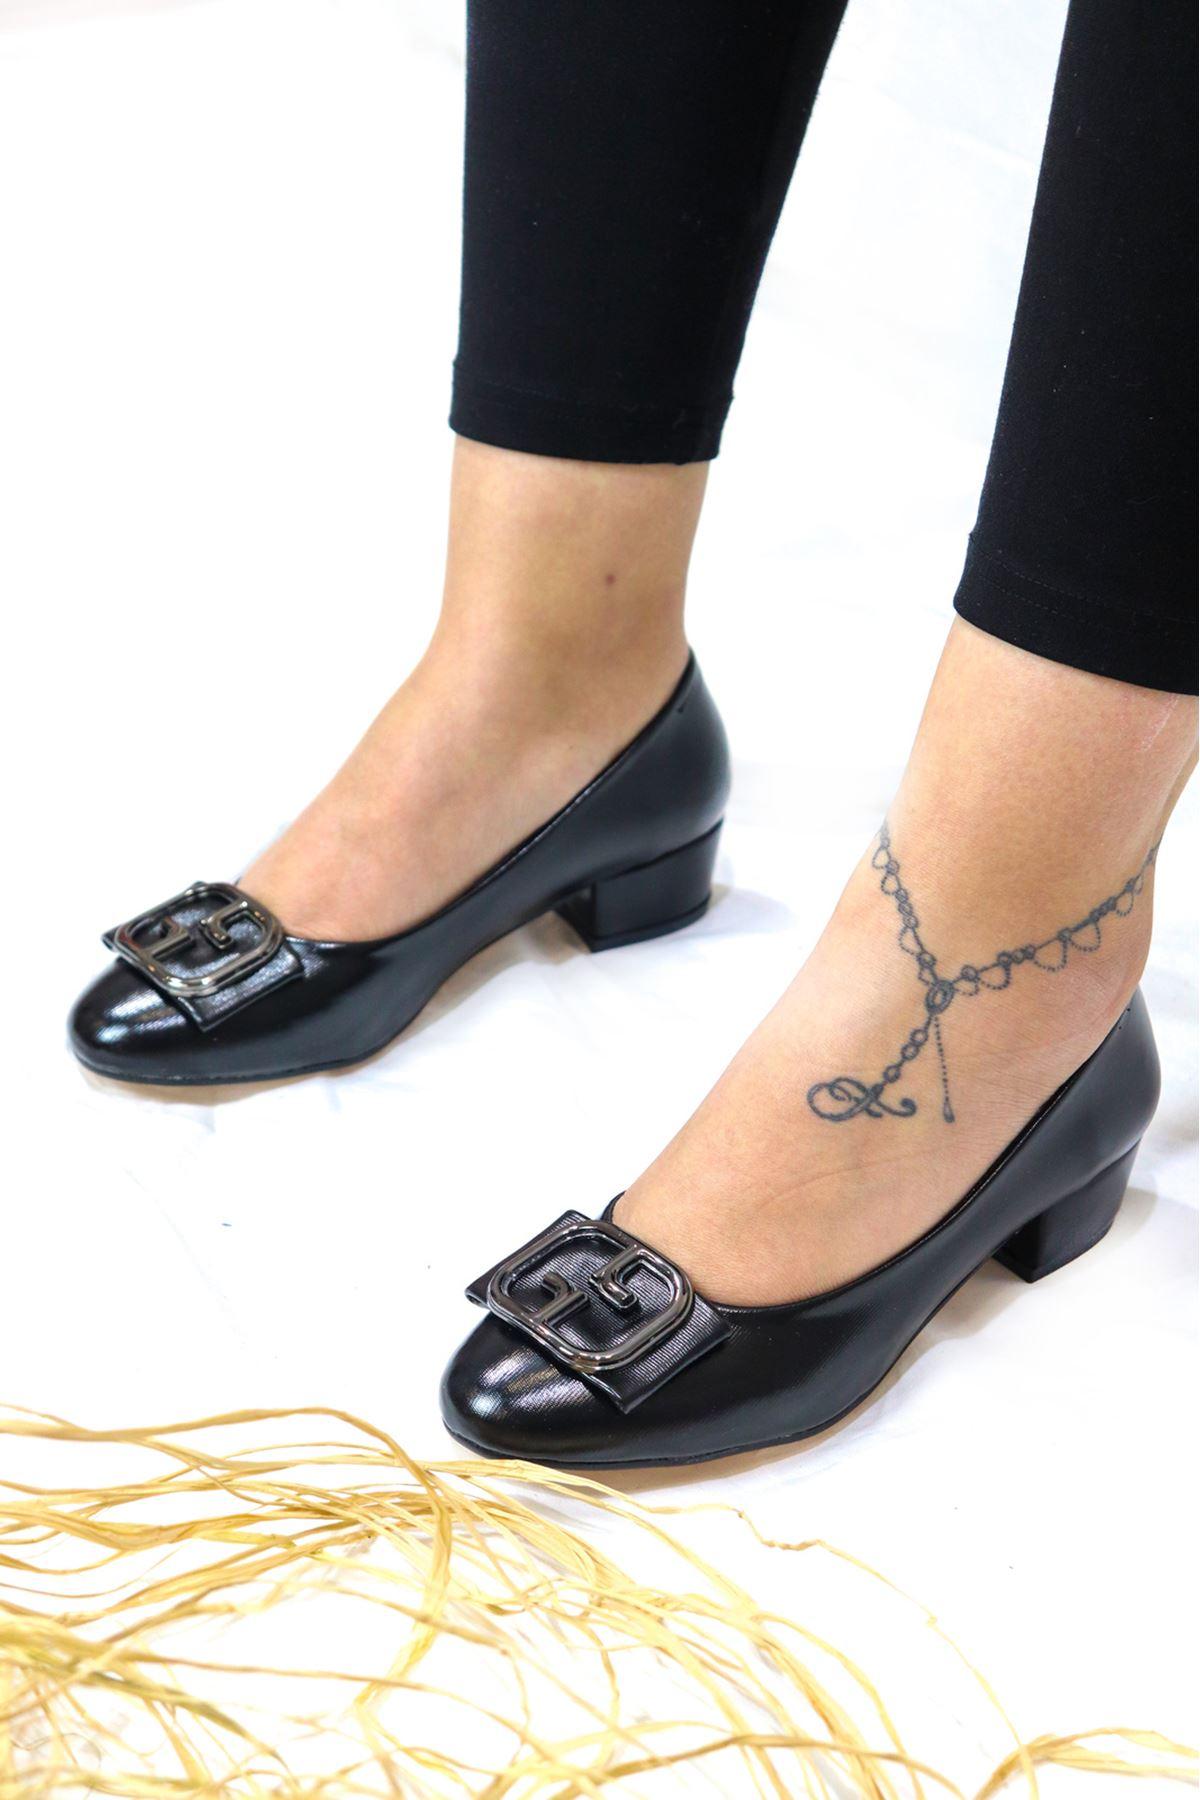 Trendayakkabı - 2 Siyah Kadın Topuklu Ayakkabı